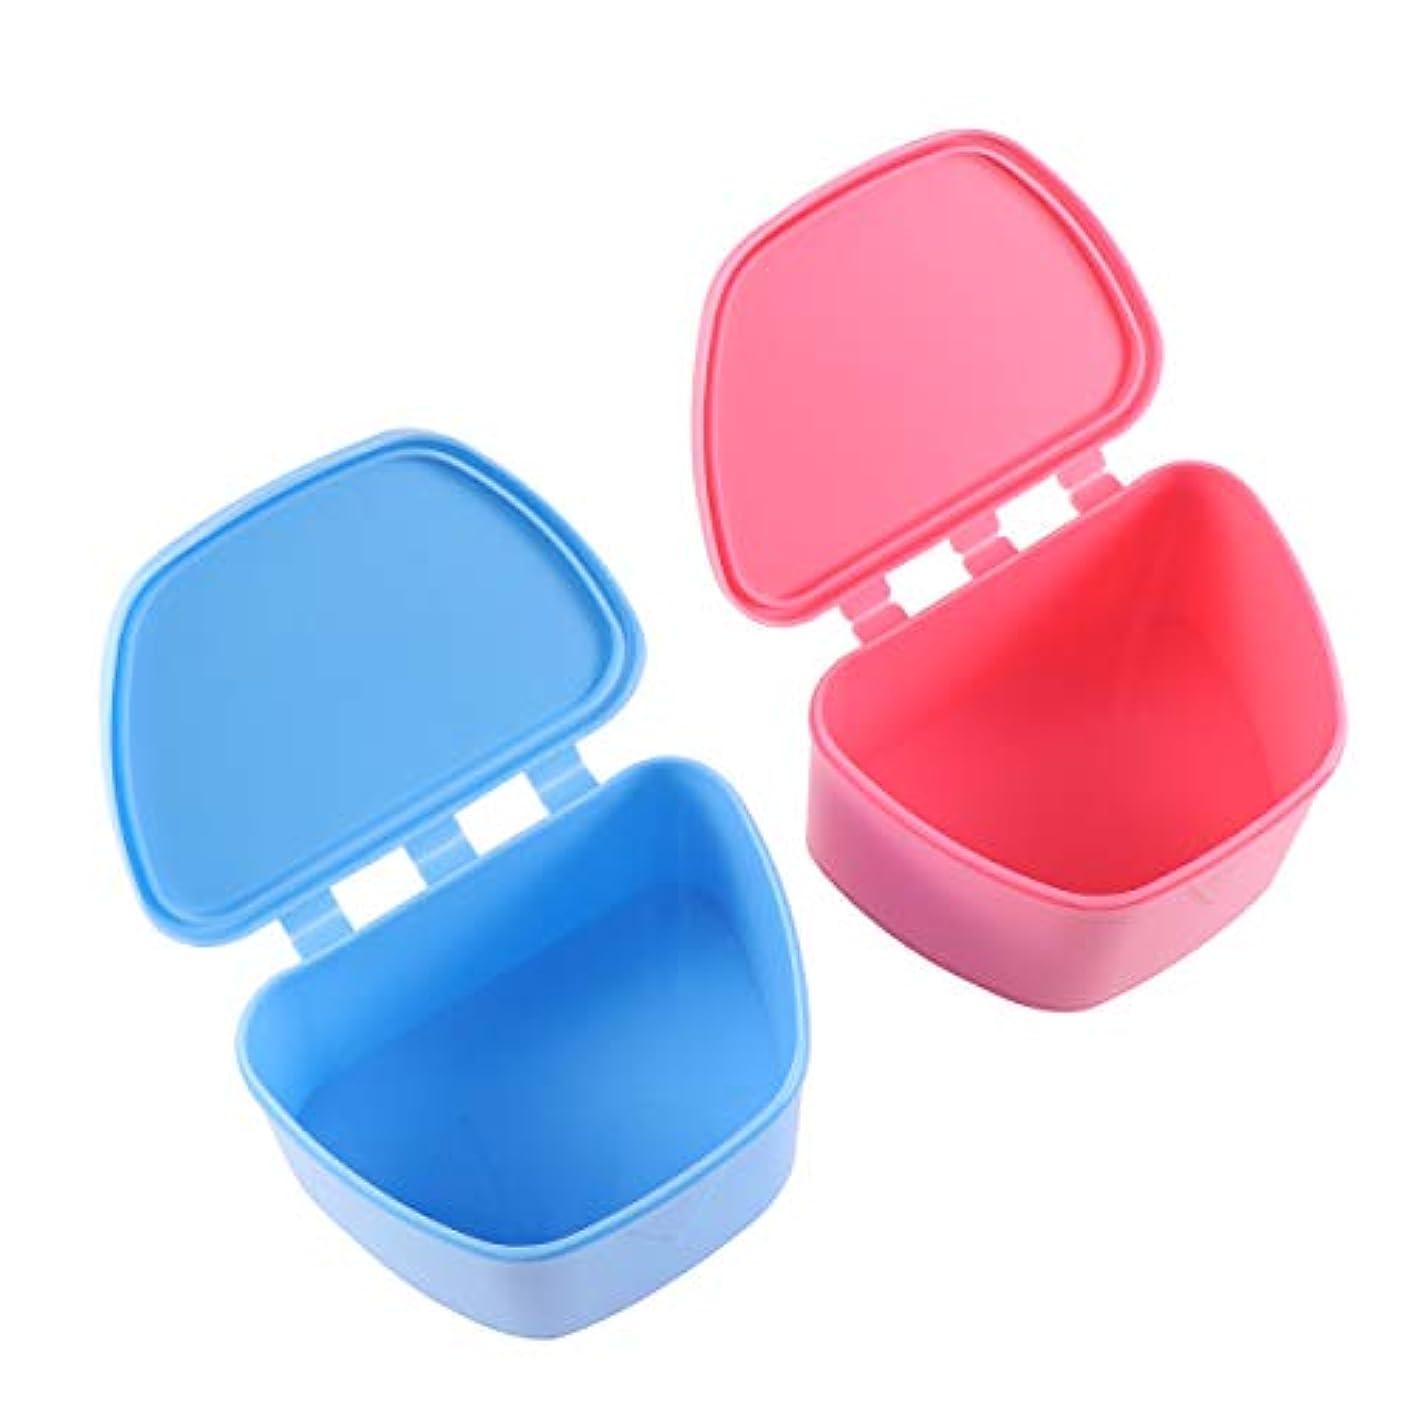 オデュッセウスレルム収益Healifty 歯科ケース義歯収納ボックス矯正歯科ボックス2個(青とロージー)